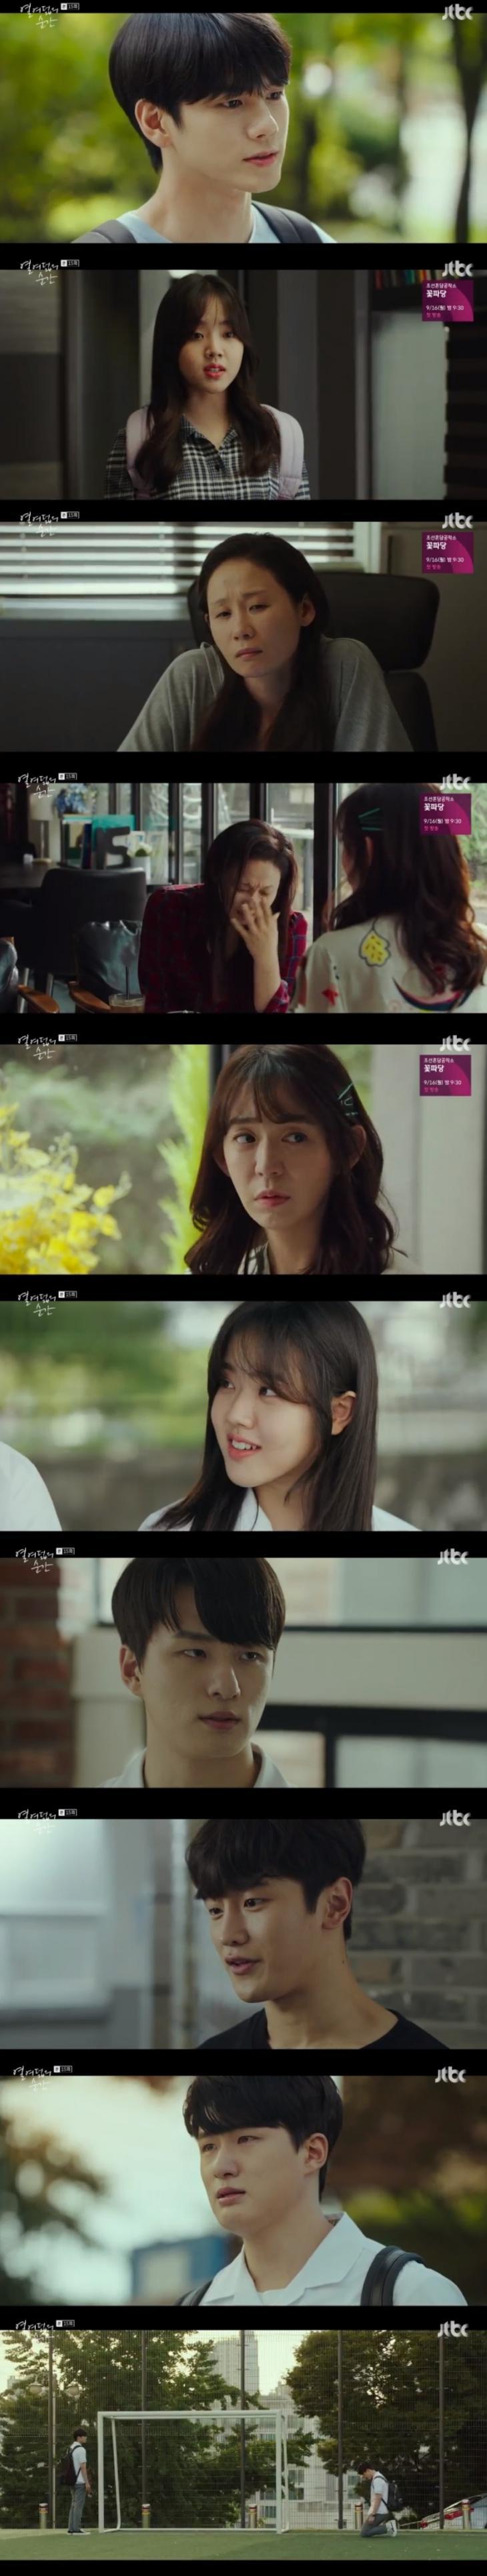 신승호 옹성우 김향기 / JTBC '열여덟의 순간' 캡처